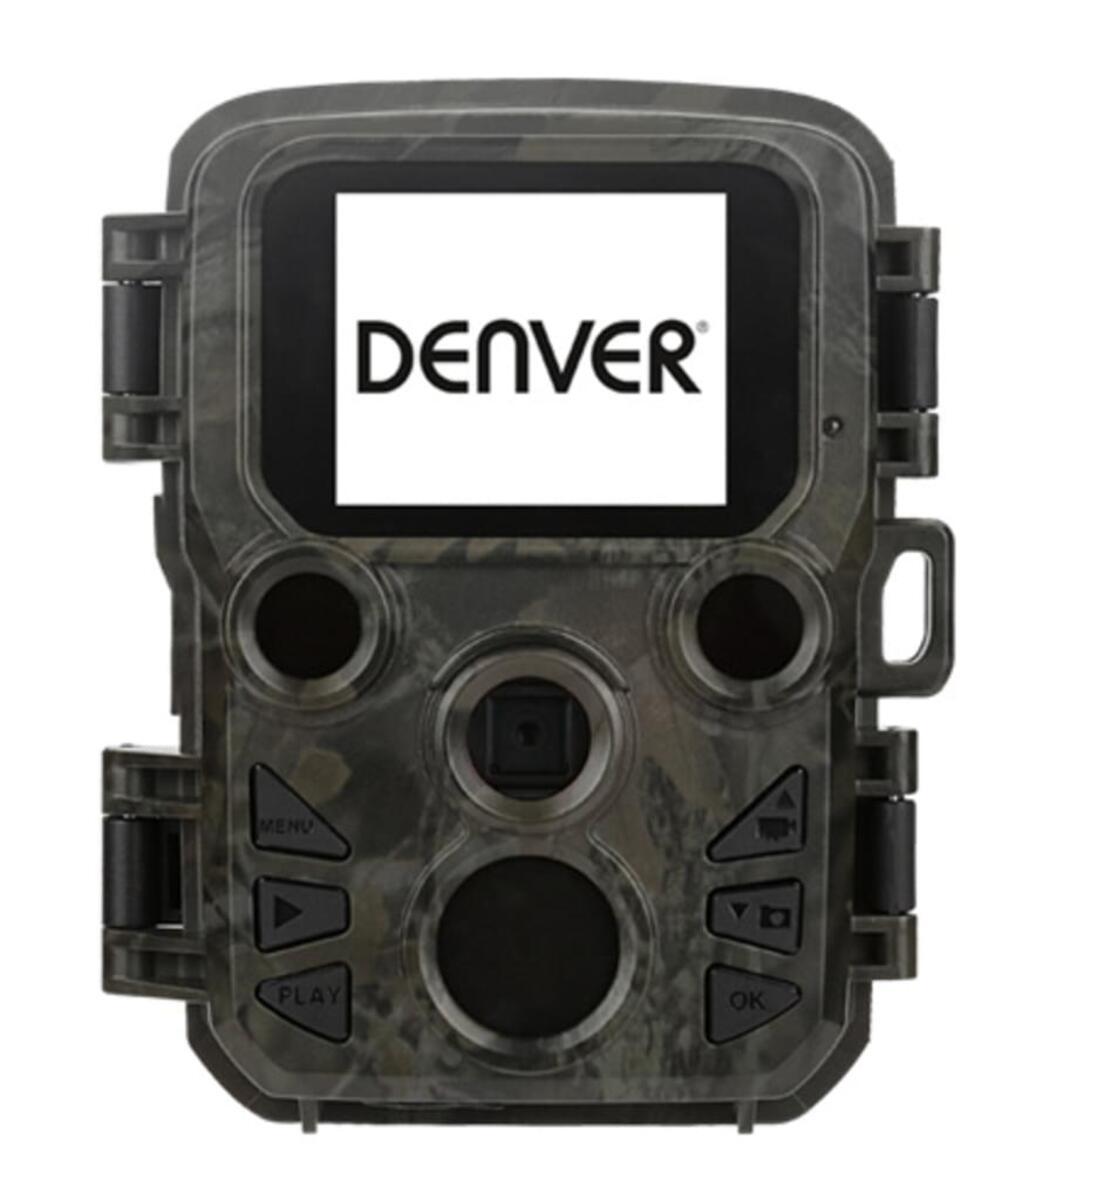 Bild 1 von Denver WCS-5020 Mini Wildcam 5 MP